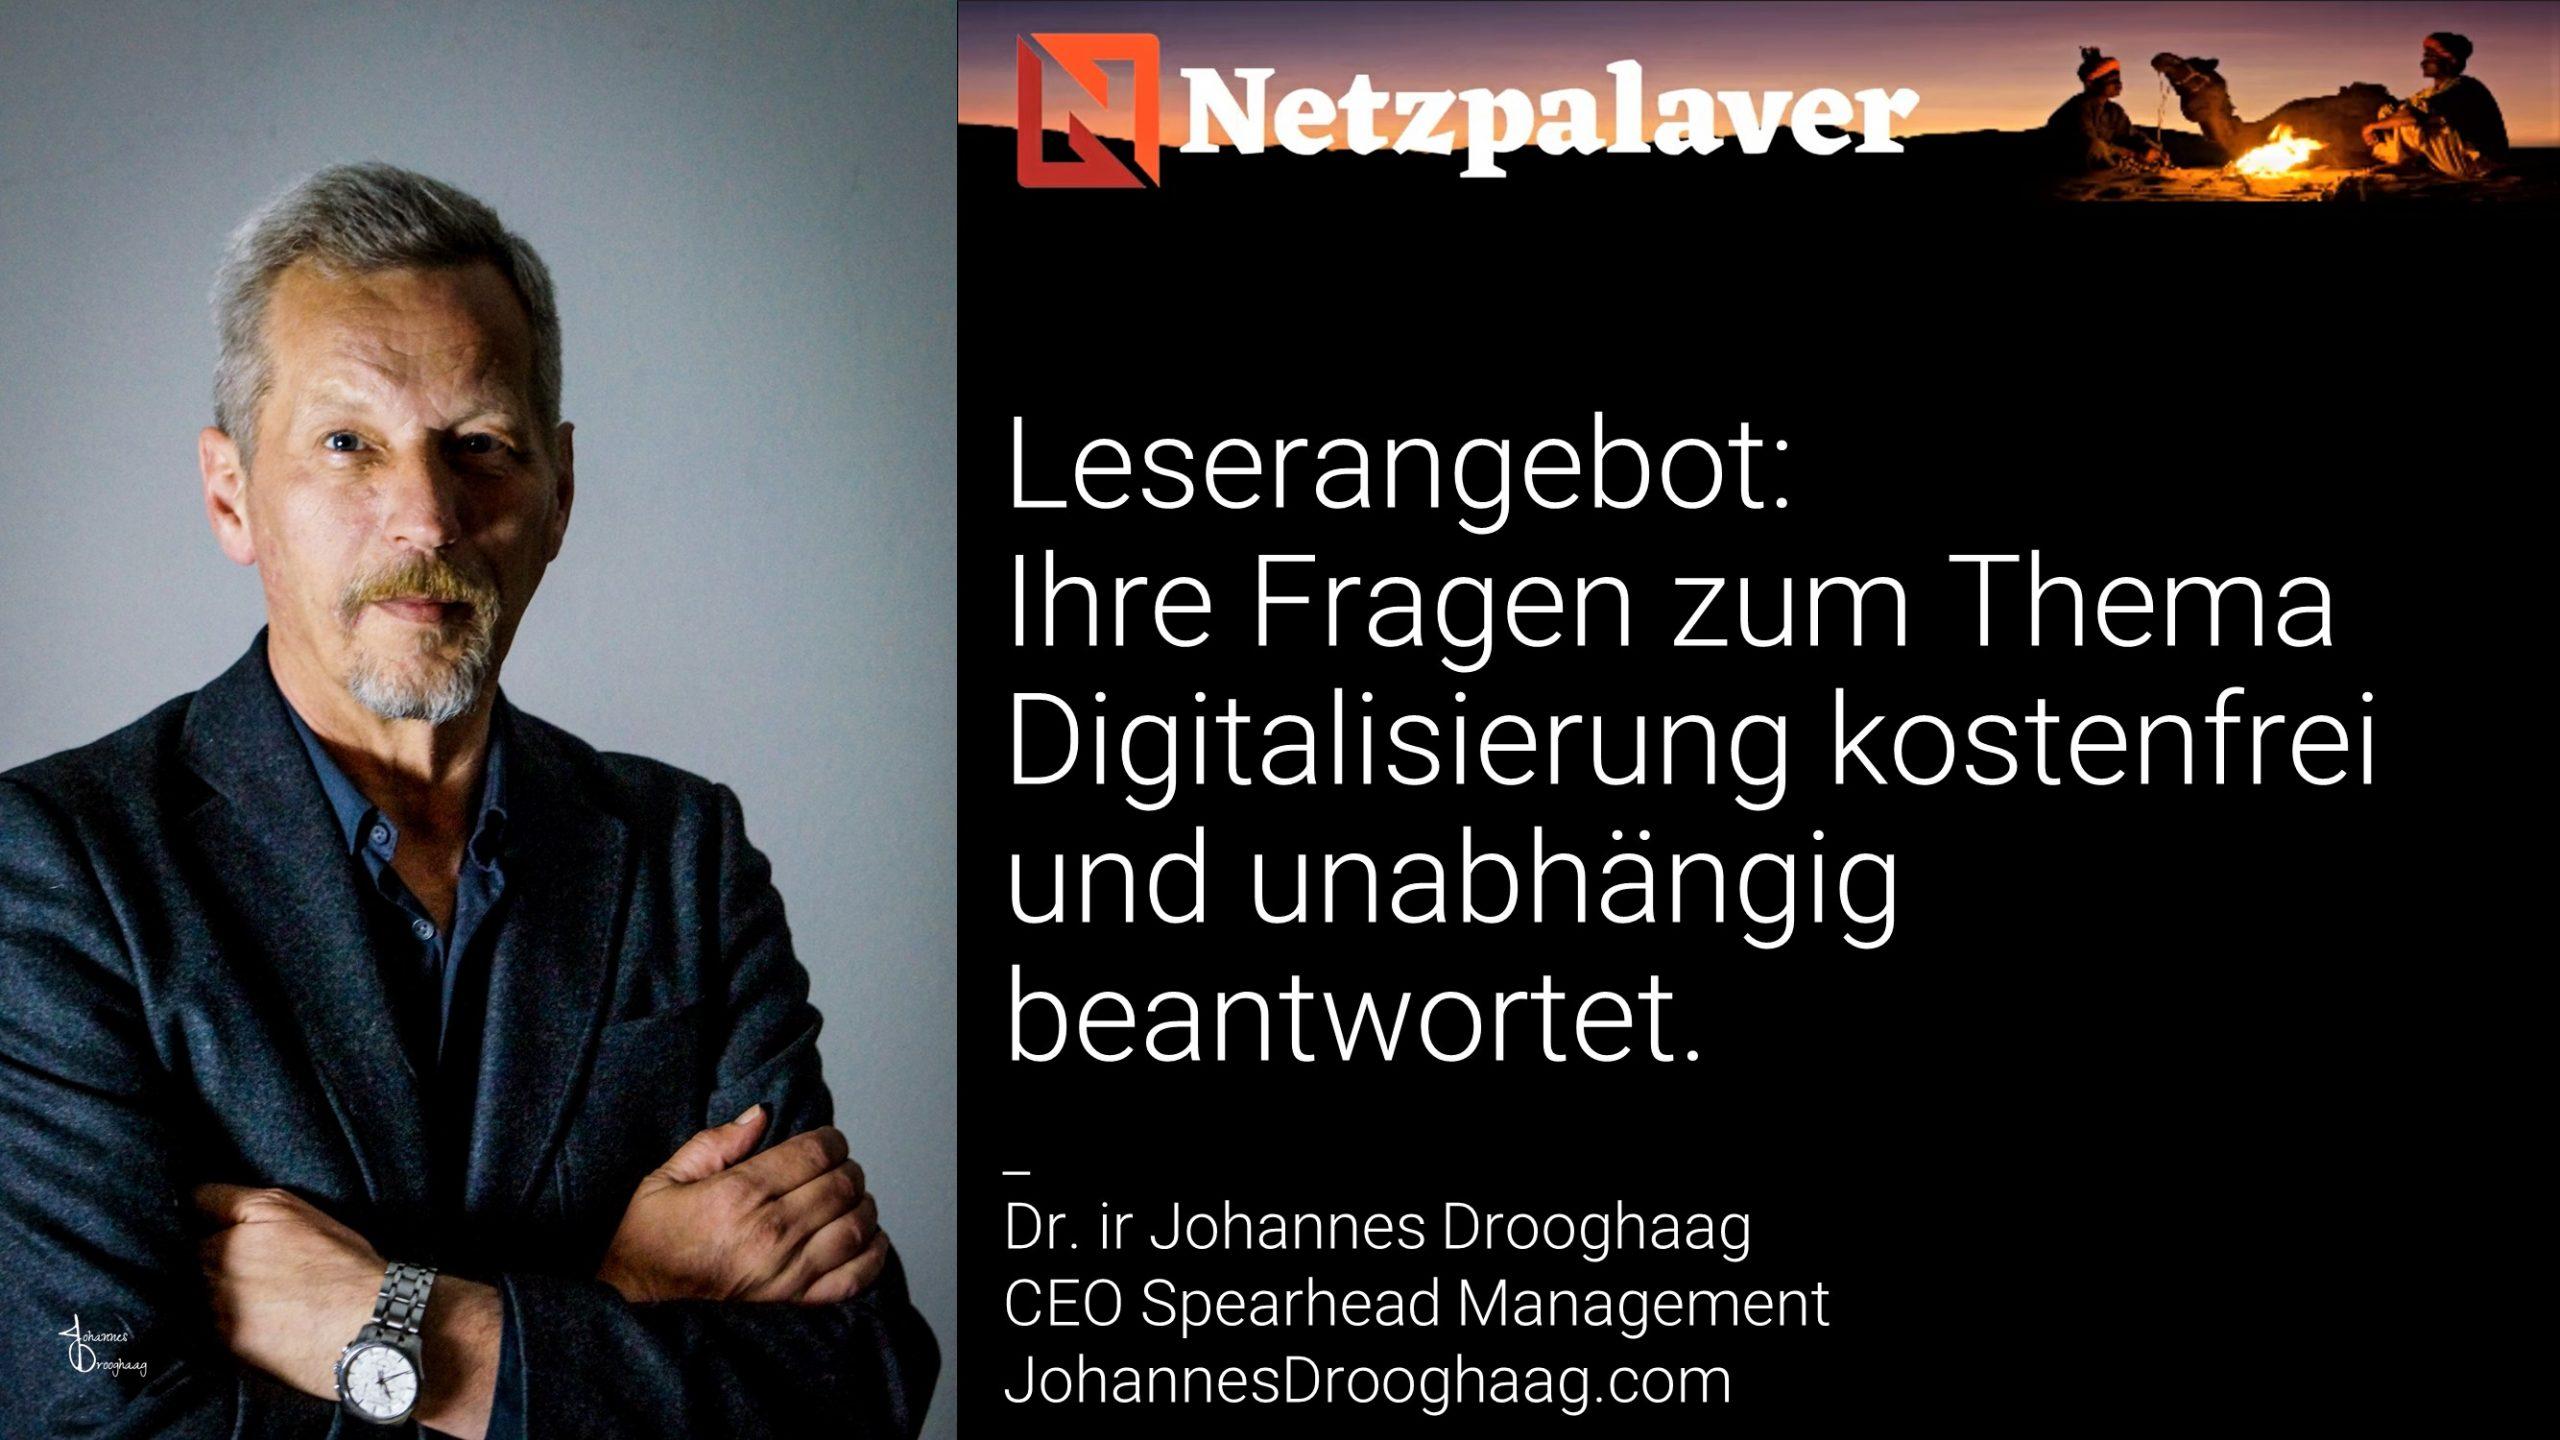 Leserangebot: Ihre Fragen zum Thema Digitalisierung kostenfrei und unabhängig beantwortet.